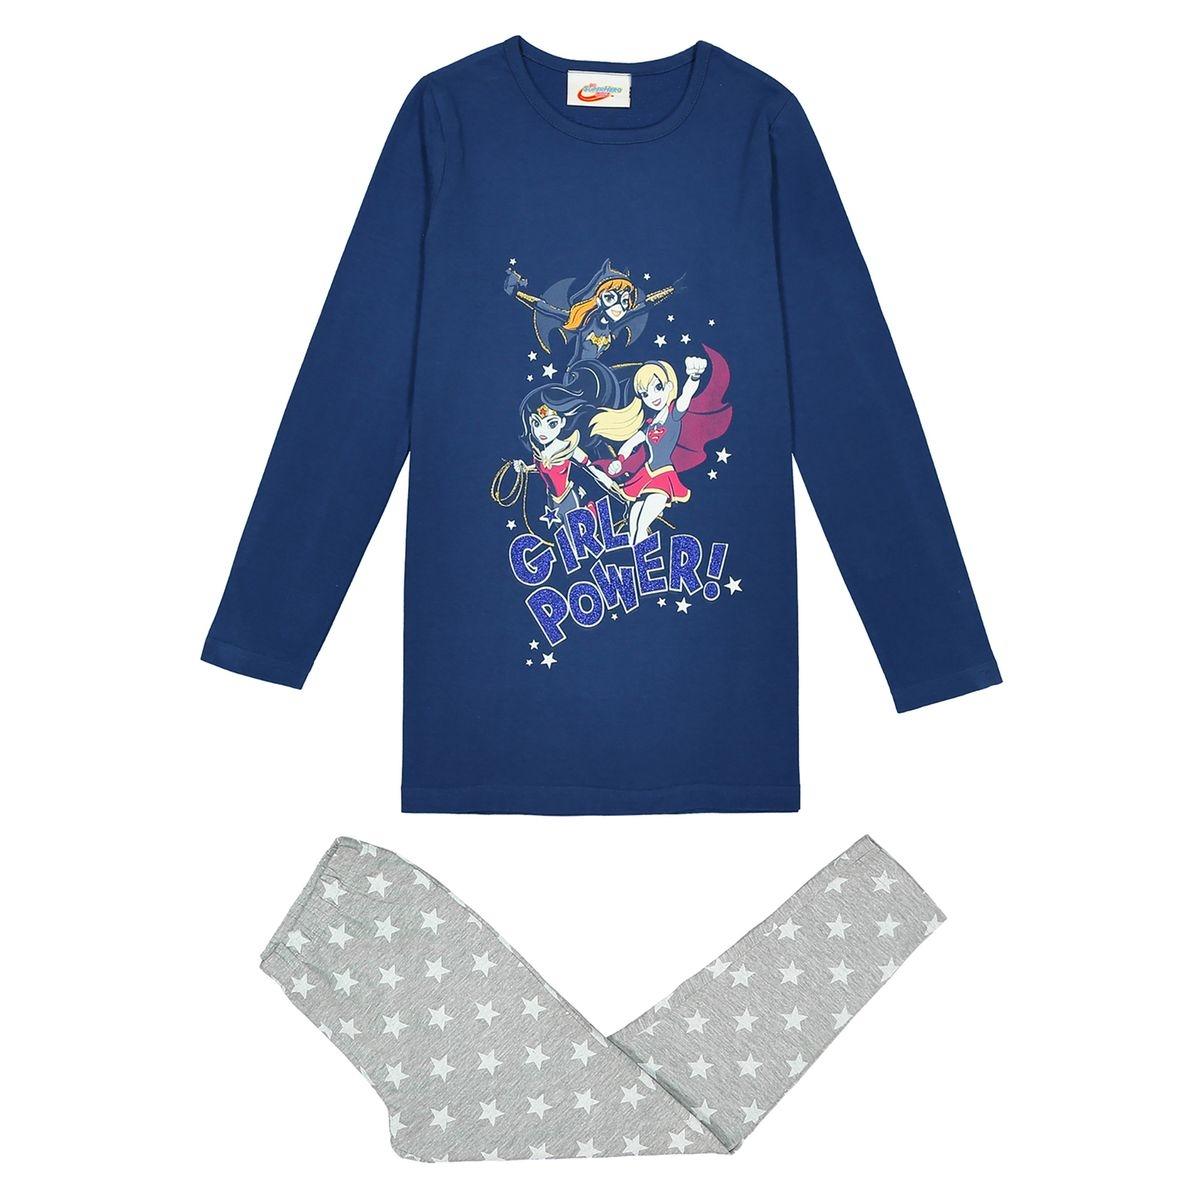 Pyjama 2 pièces, 6 - 12 ans